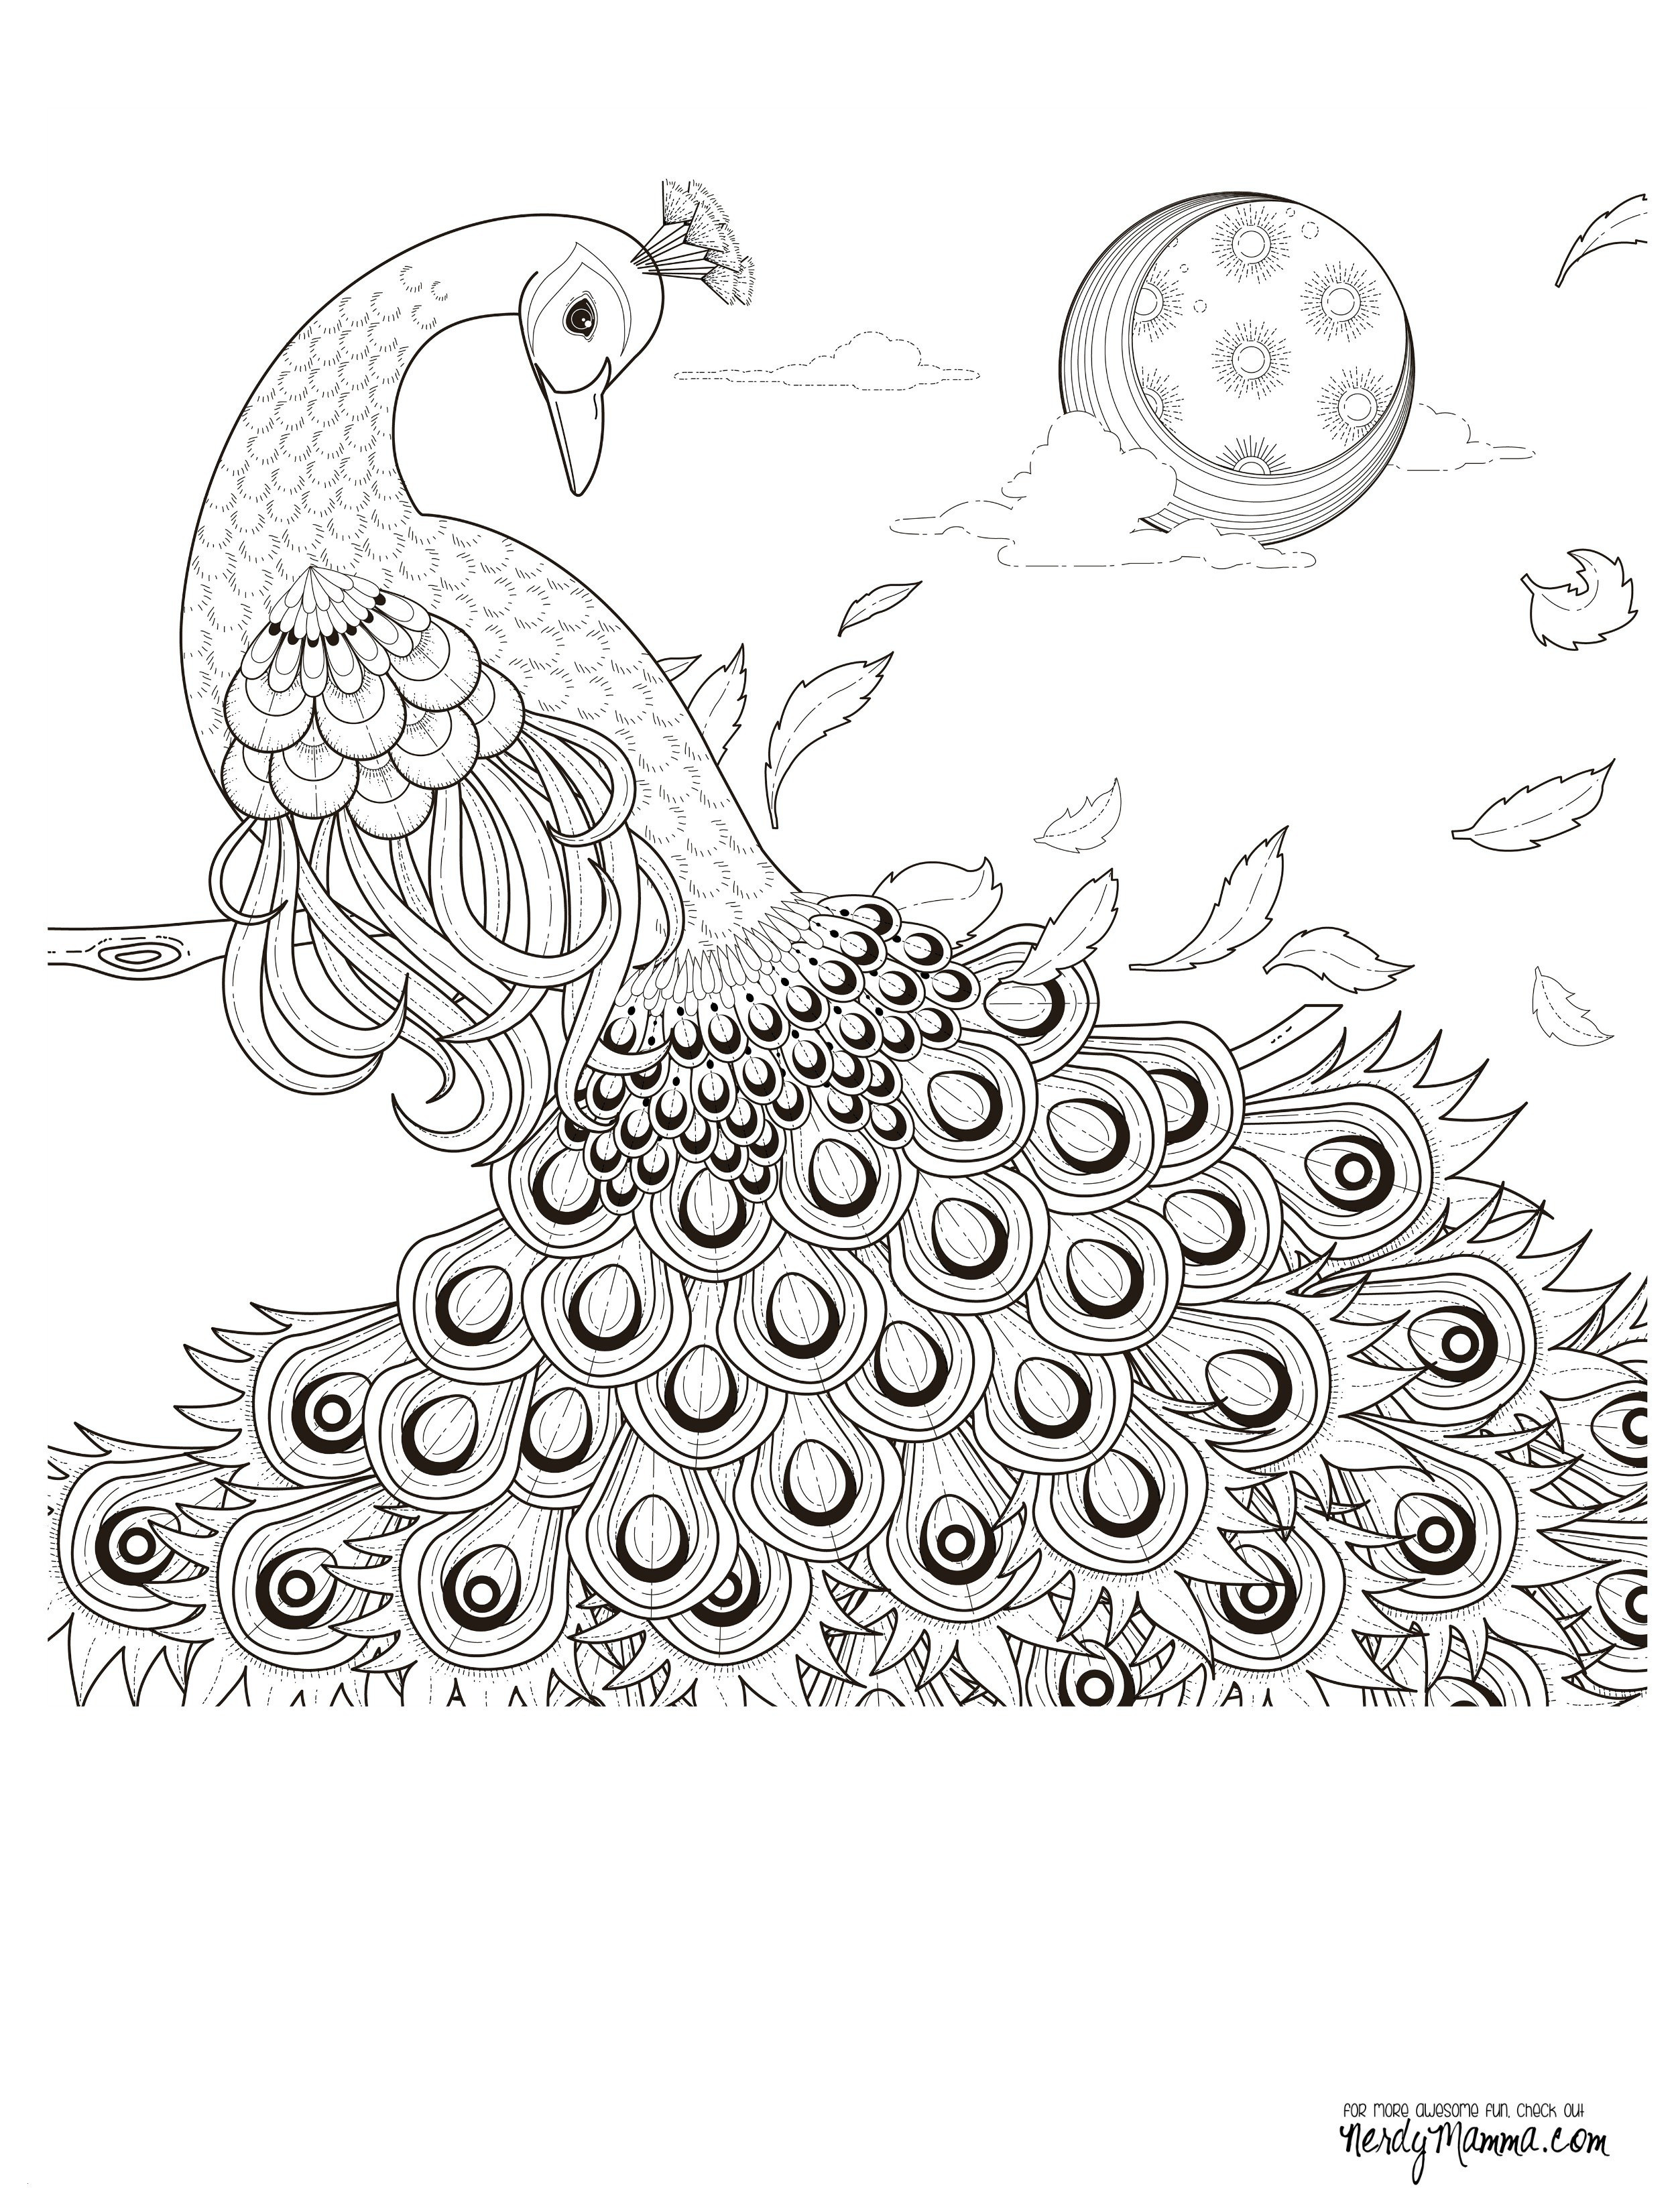 Ausmalbilder Herbst Eule Inspirierend Ausmalbilder Sam Uploadertalk Neu Herbst Ausmalbilder Pilze Genial Bild